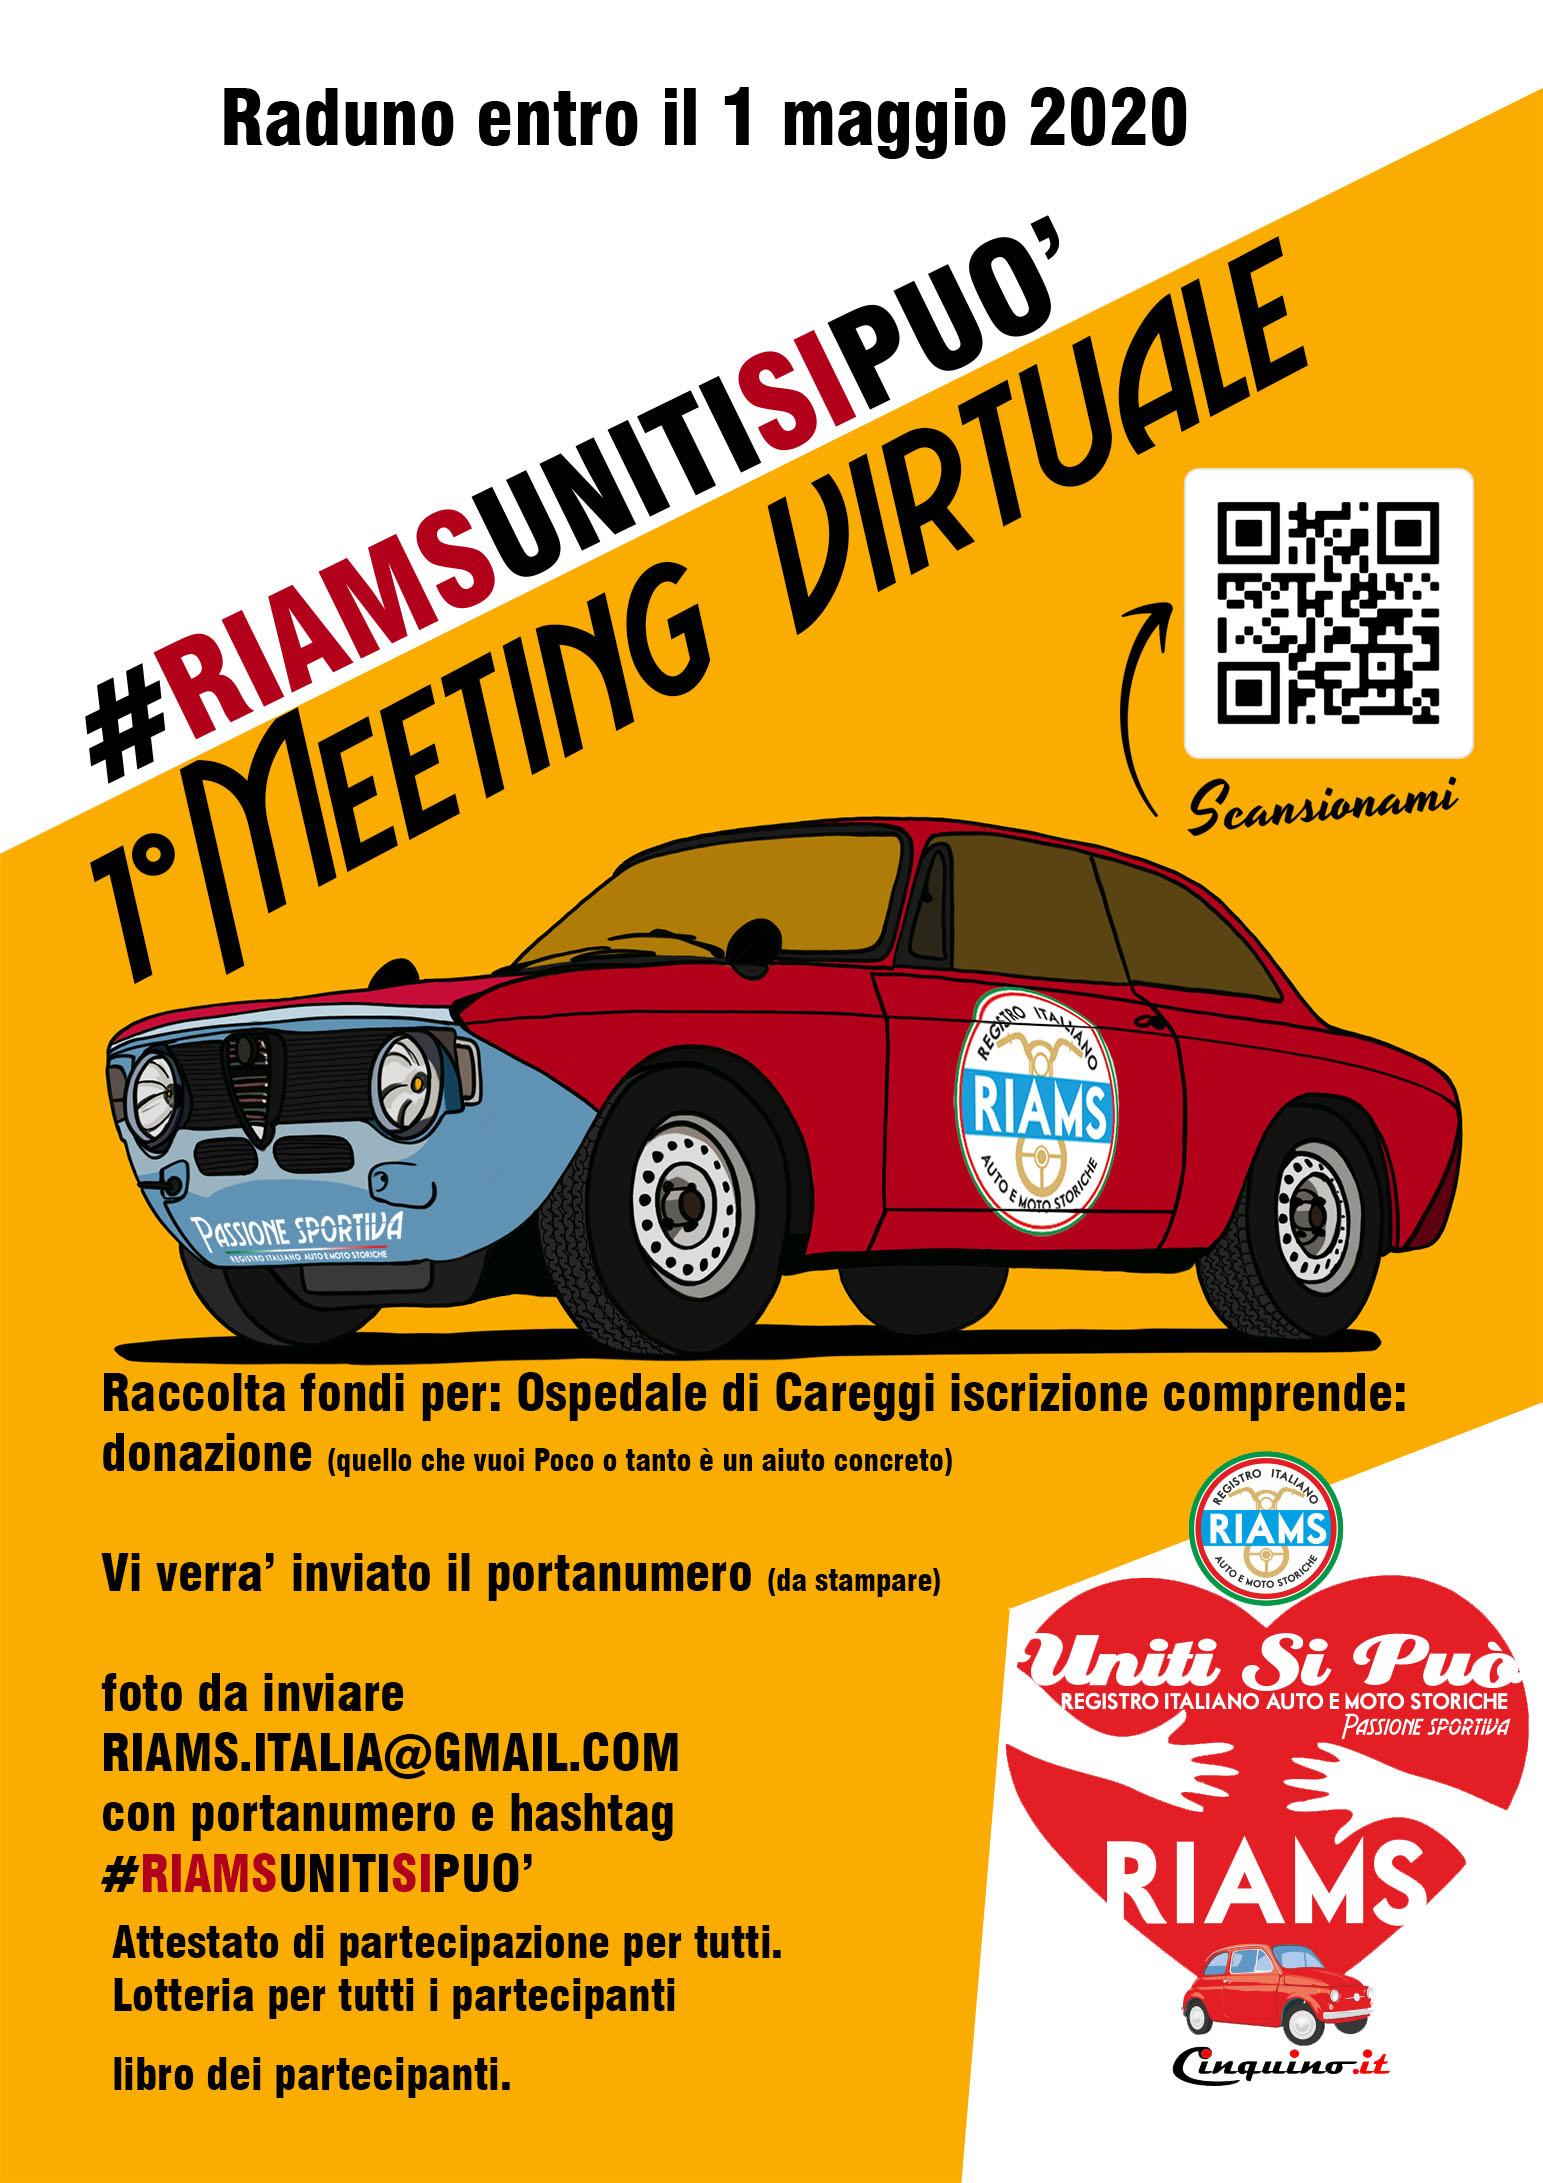 1° Meeting Virtuale  #RiamsUnitiSiPuo' #Cinquino.it #RiamsPassioneSportiva